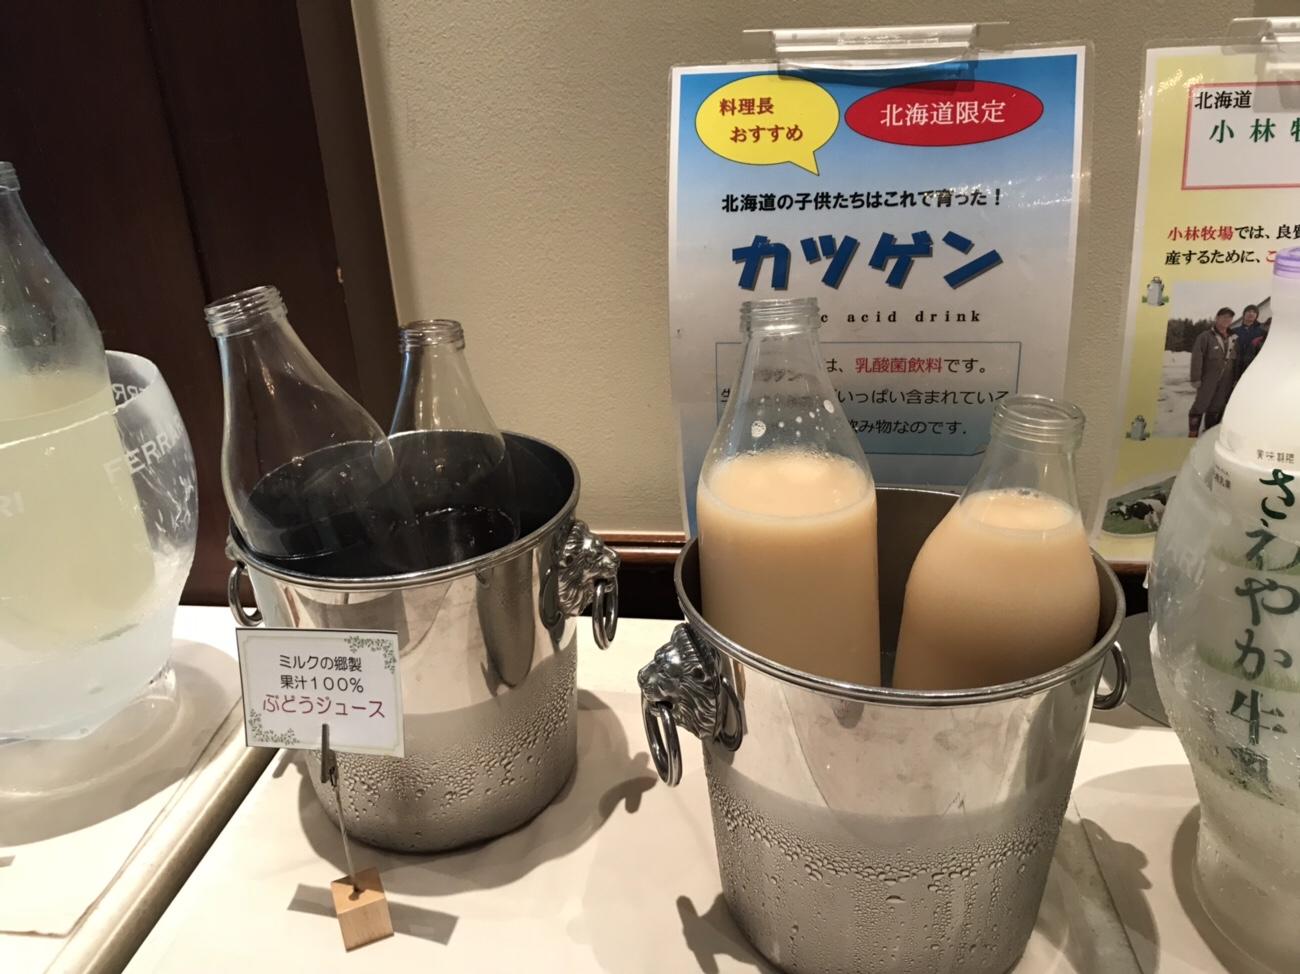 カツゲン ホテルクラビーサッポロ 朝食